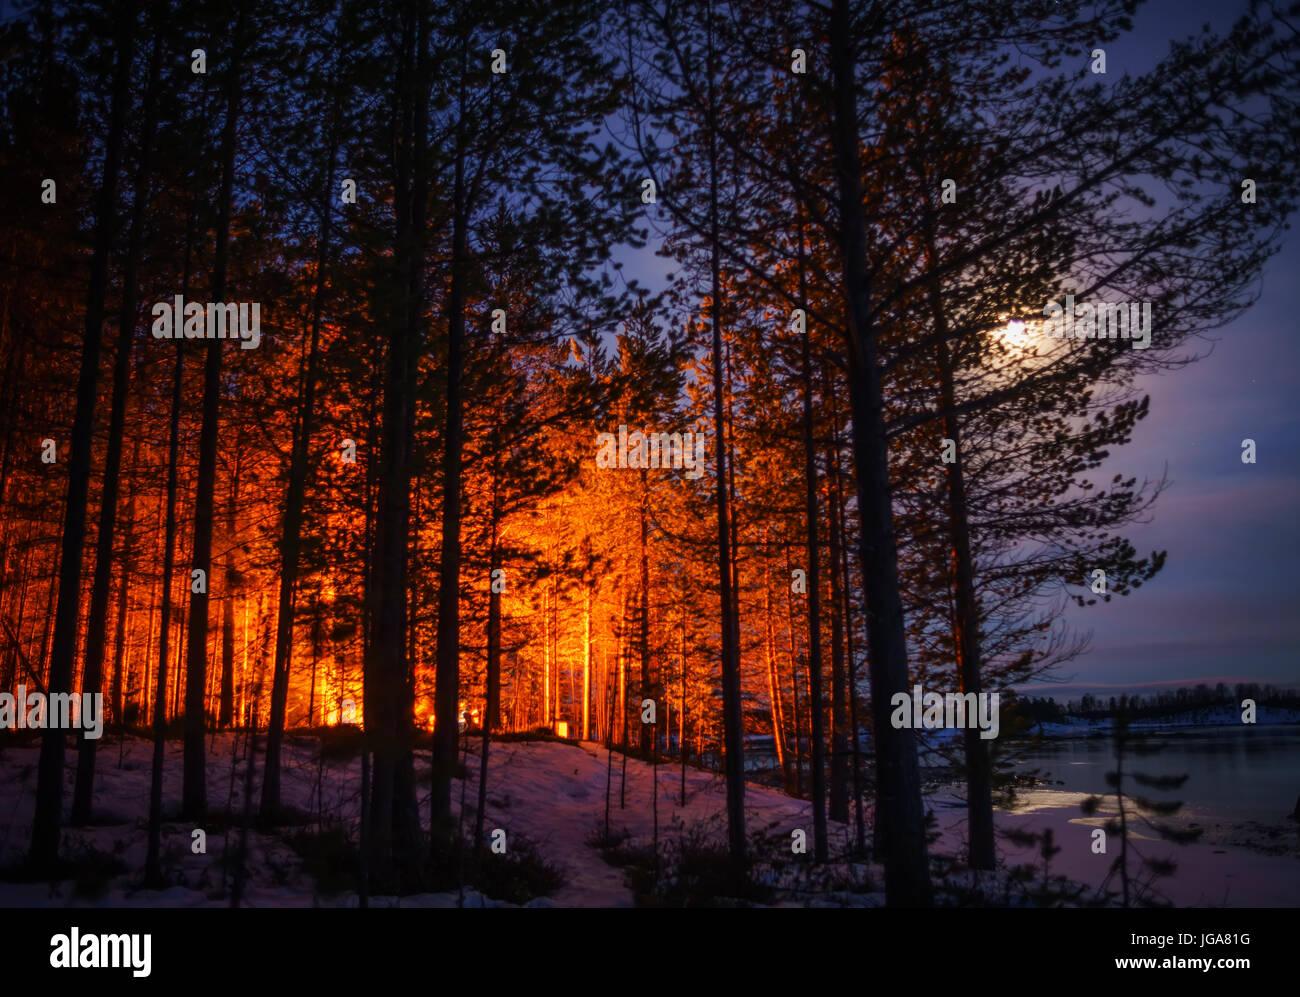 La luz de la luna y naranja resplandor de una fogata, Laponia, Finlandia Imagen De Stock